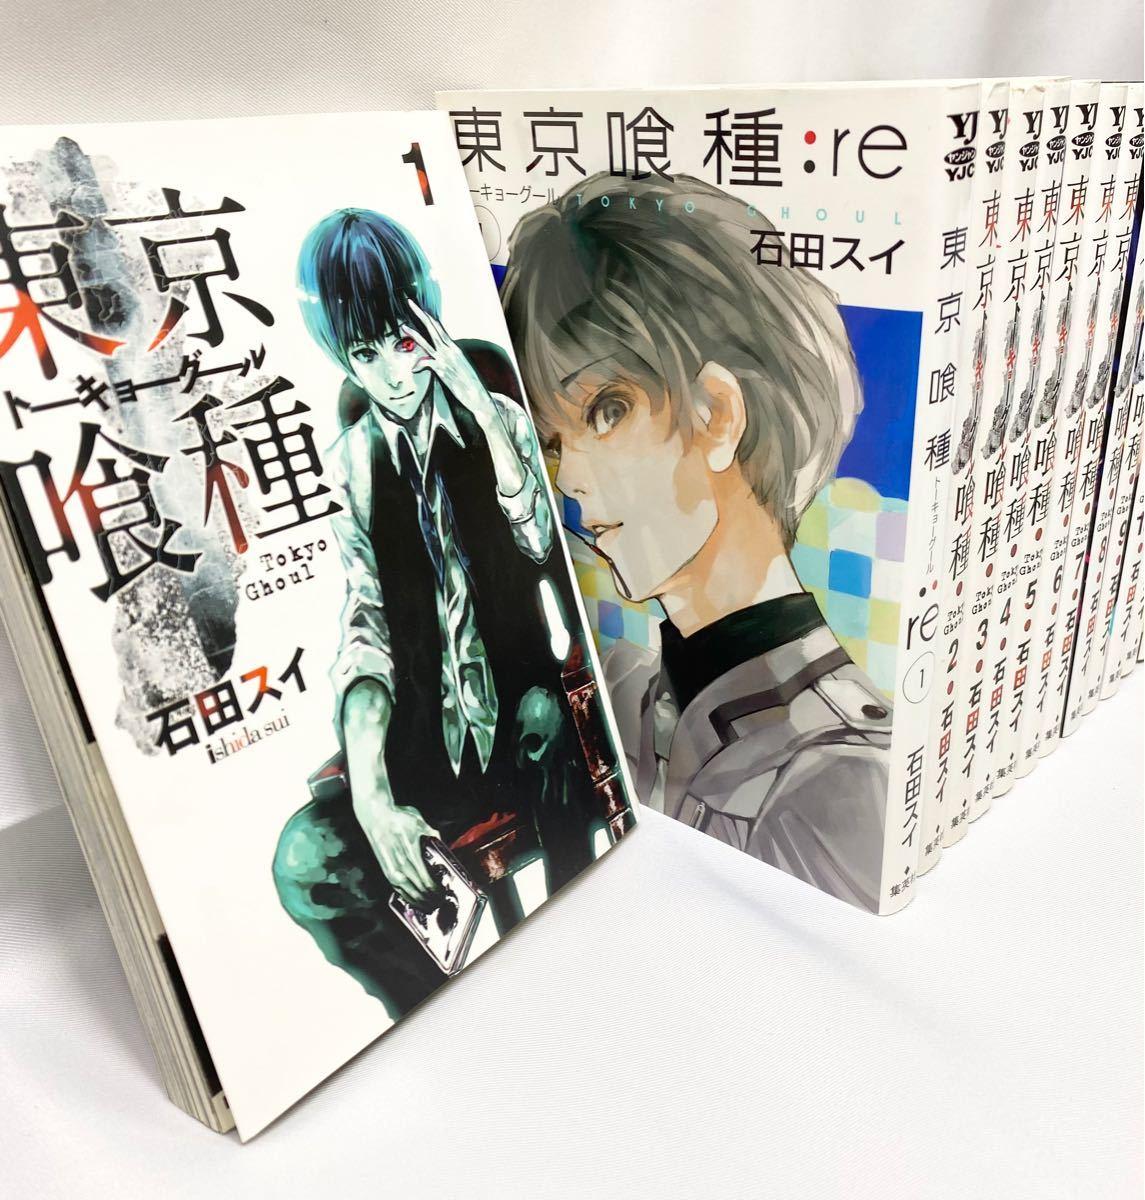 【まとめ売り】東京種喰re 東京グール 全巻完結セット 計32冊